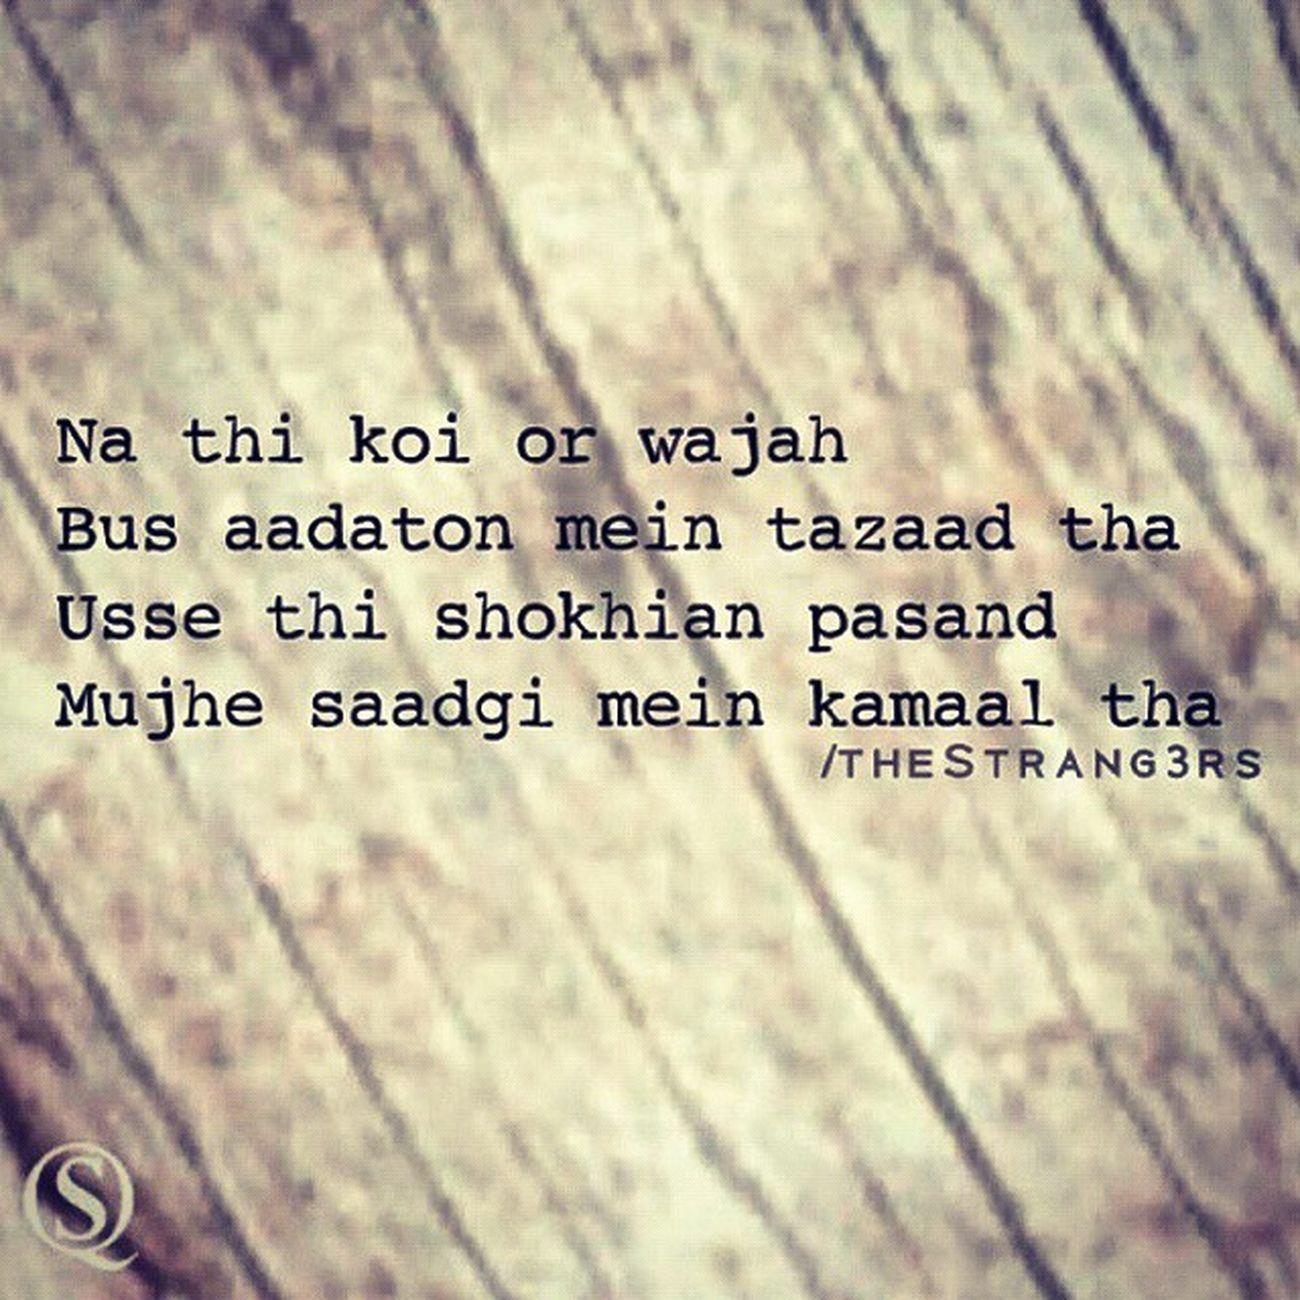 Wah Word BohatKhoob